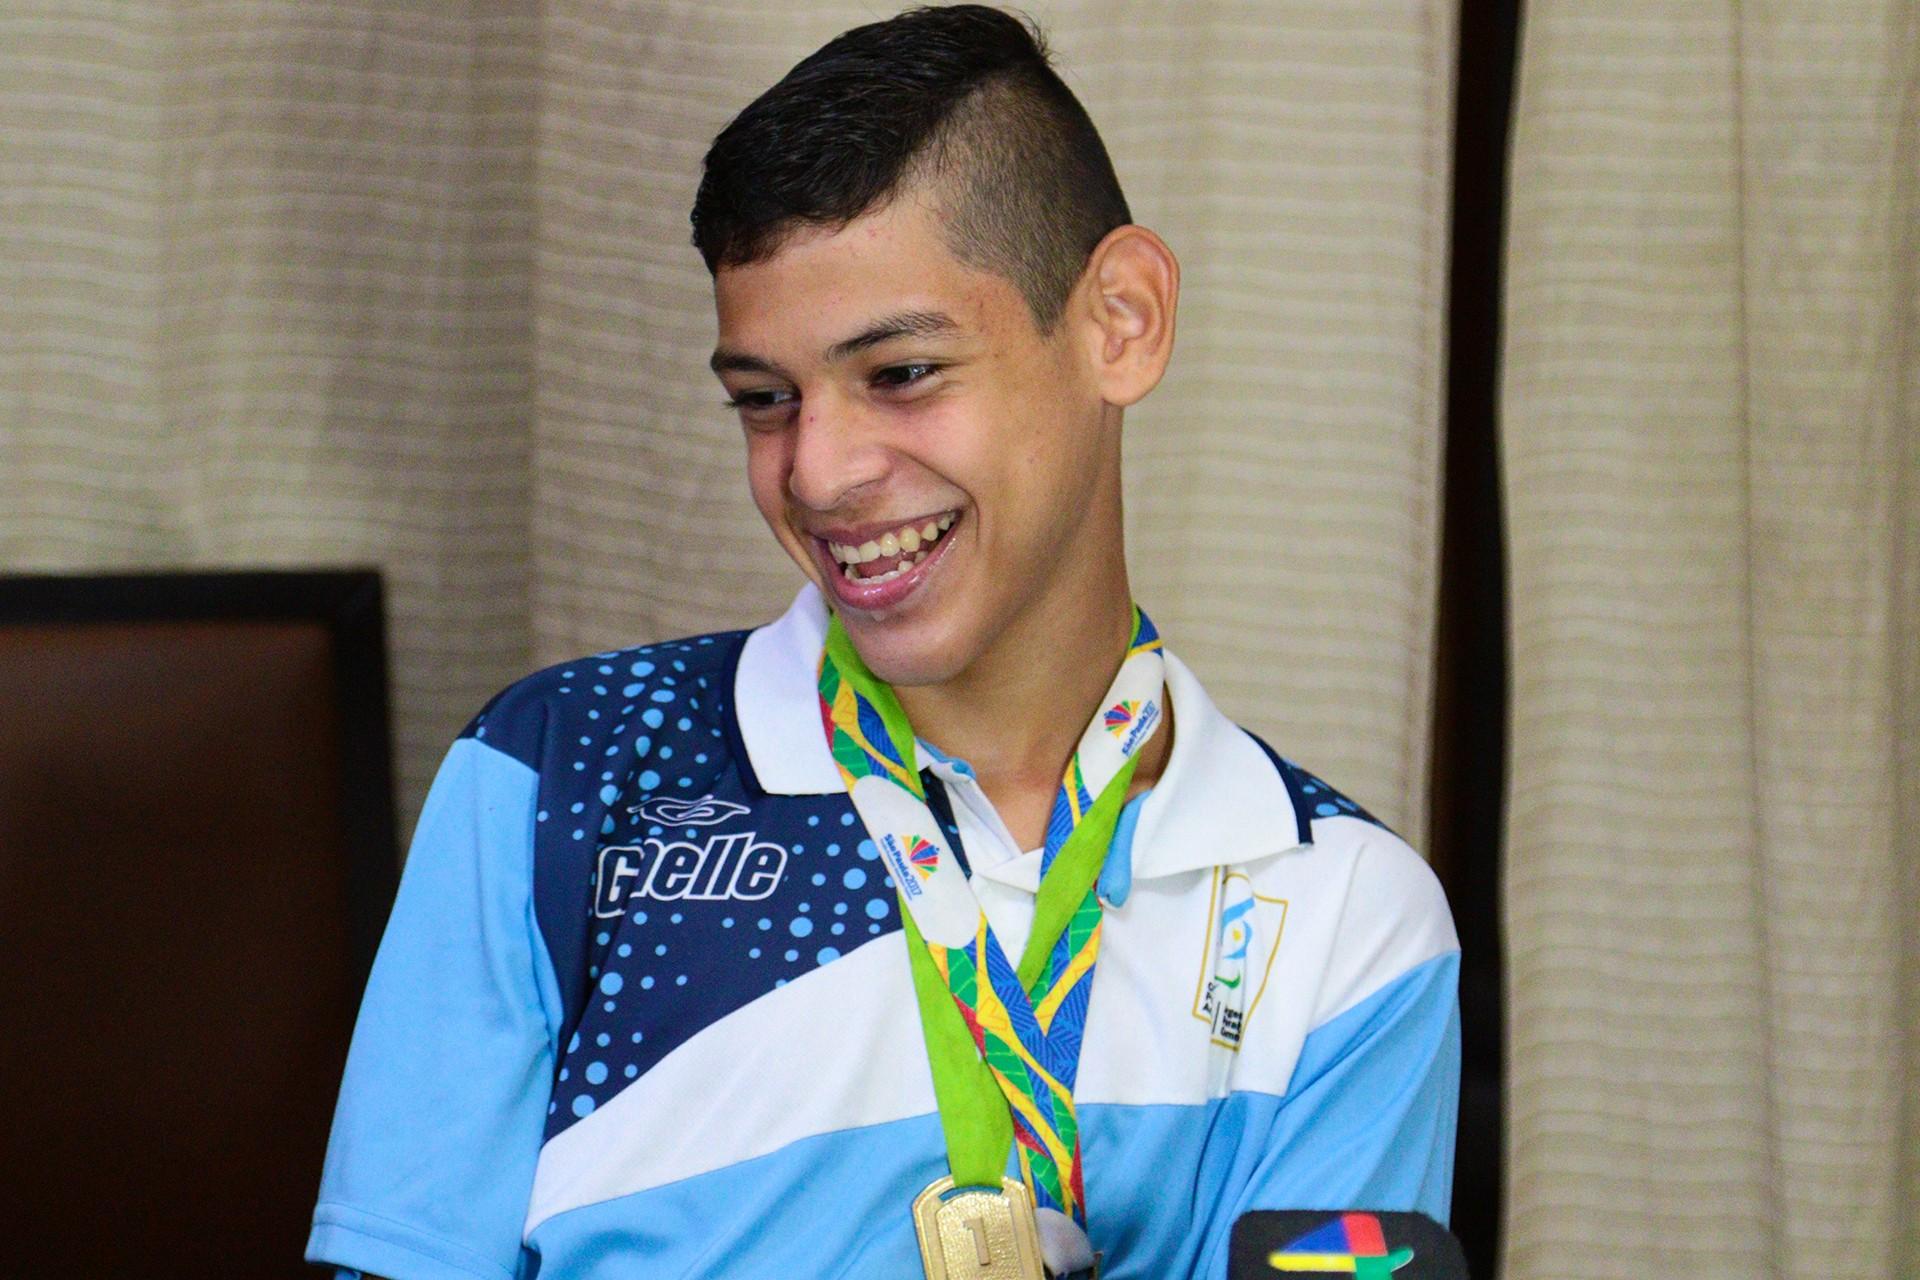 Con apenas 16 años, Alexis Chávez genera ilusión para el atletismo argentino en los 100 metros de la categoría T36, después de quedar primero en el ranking mundial del Comité Paralímpico Internacional y también llevarse la medalla de oro en el Open Internacional Loterías Caixa en suelo brasileño.